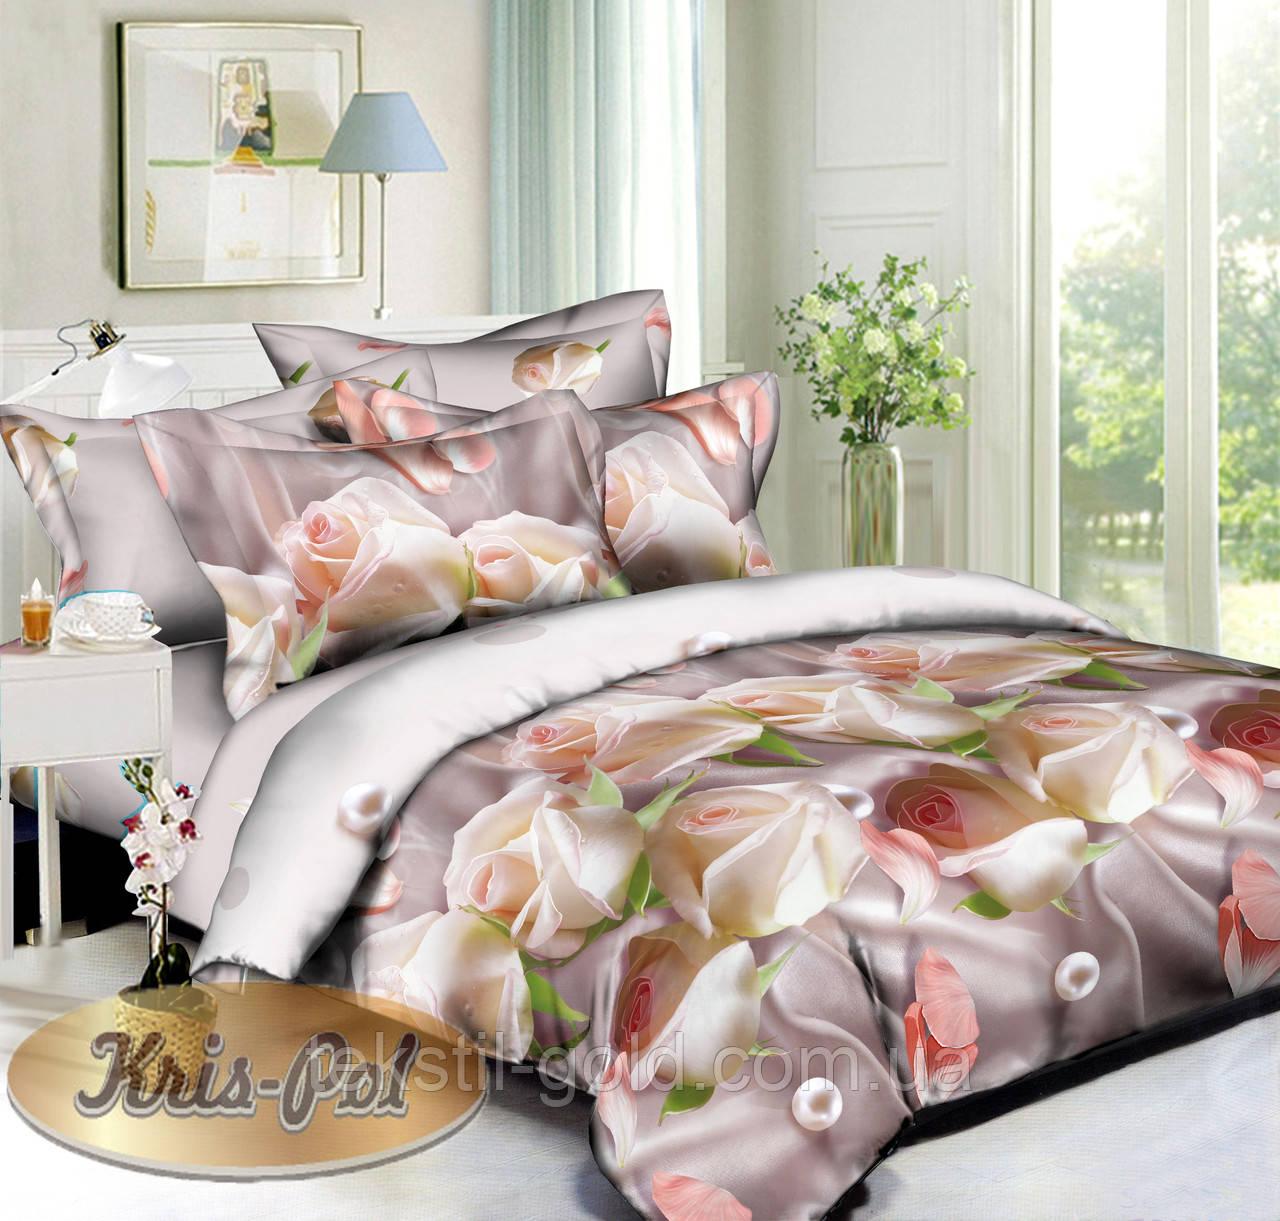 Комплект постельного белья ТМ KRIS-POL (Украина) ранфорс семейный 6118547